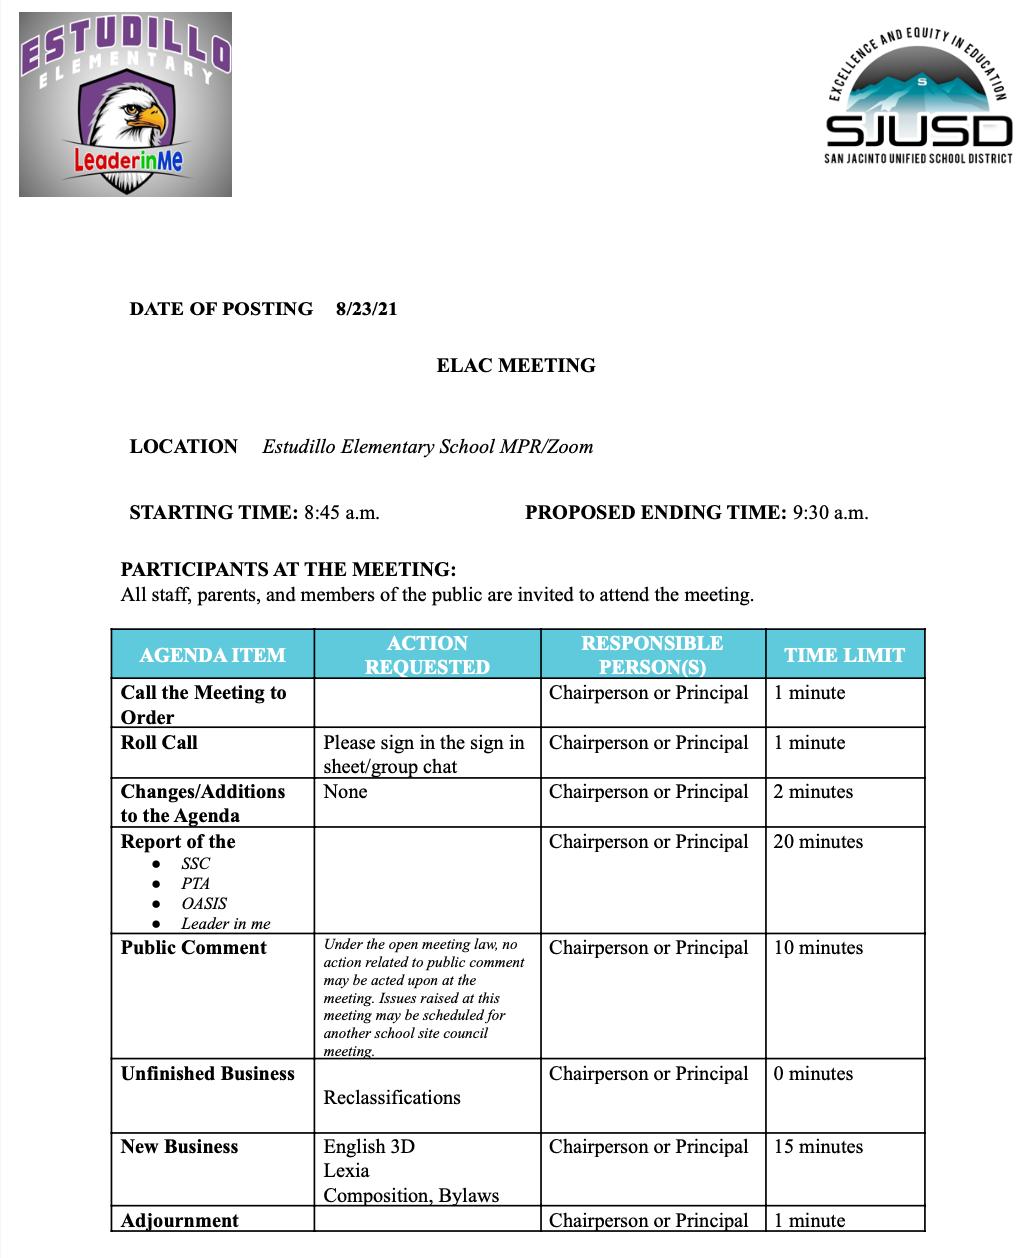 ELAC Agenda 8_26_21